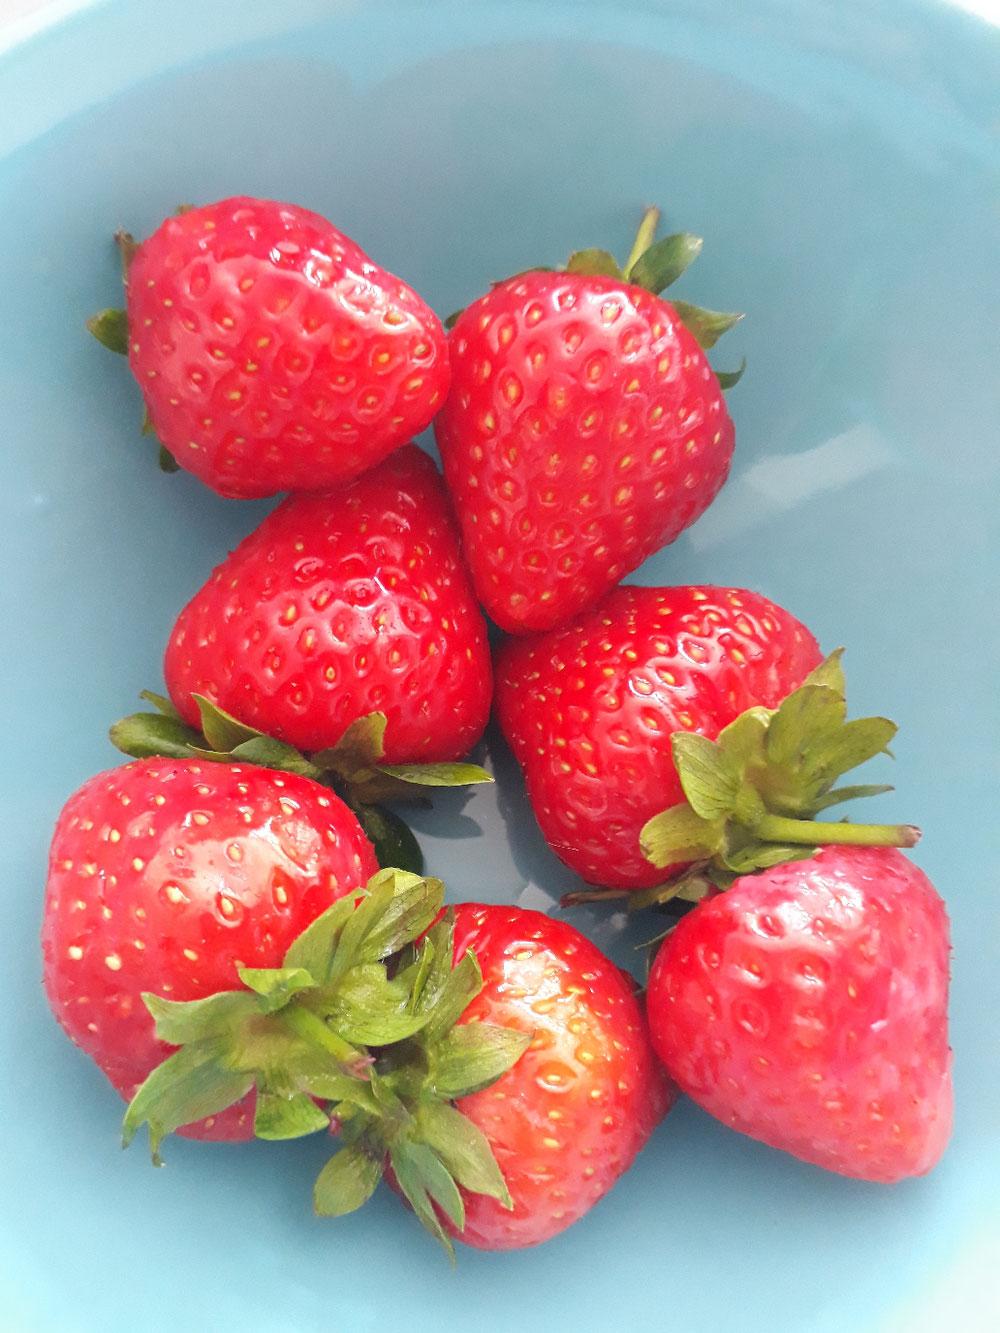 1 portion de fruits = 150g de fraises